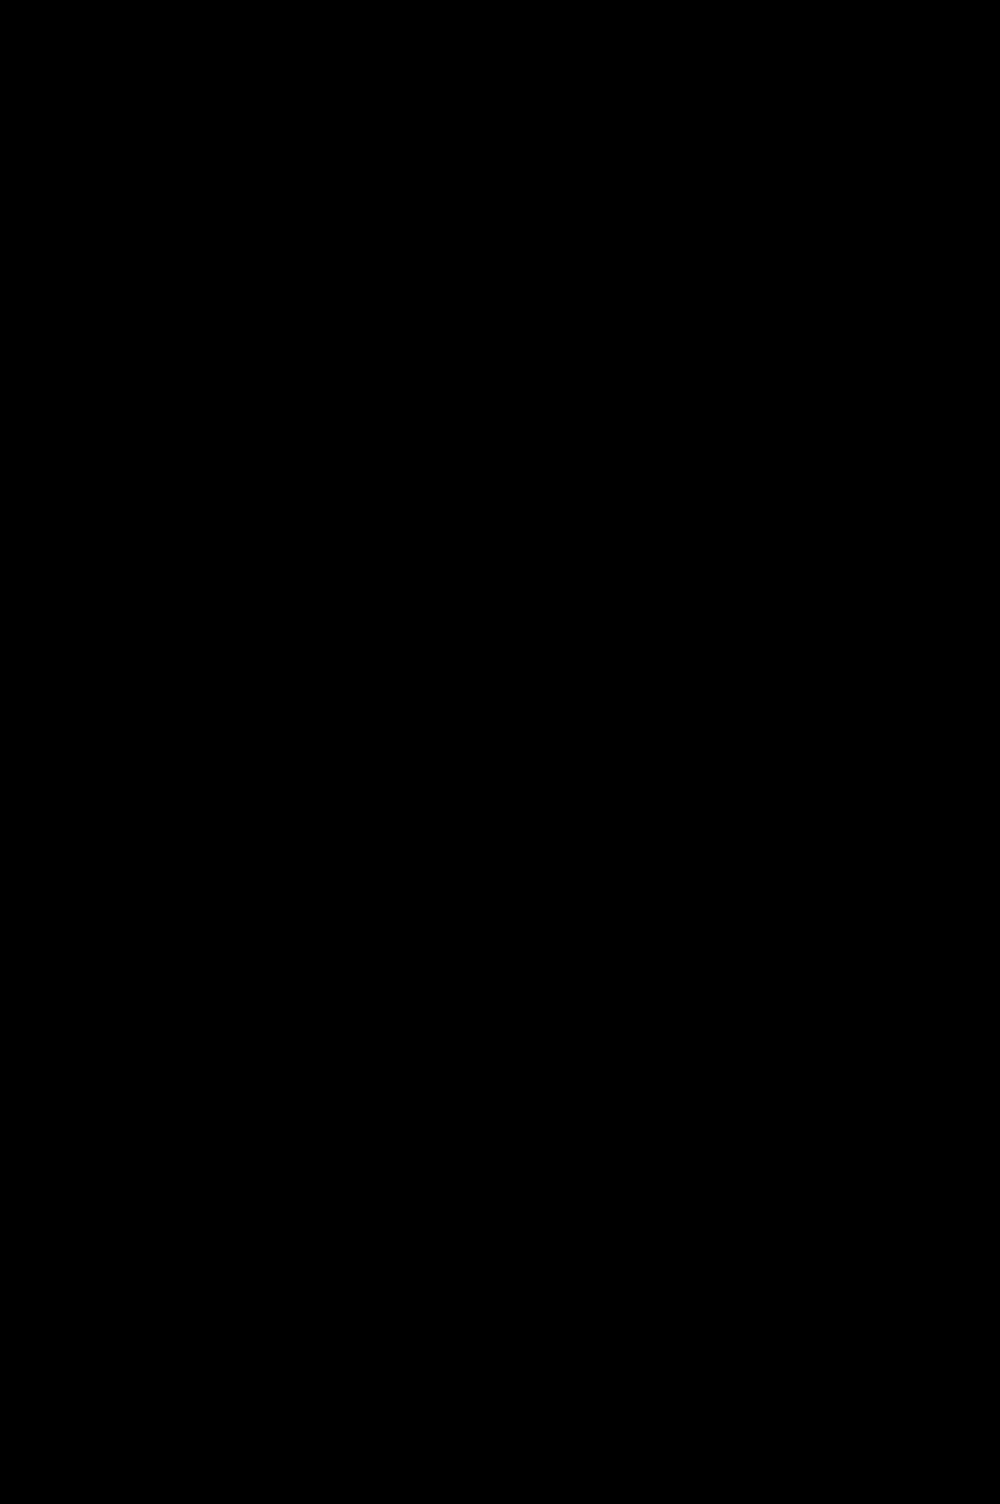 howard lake milf personals Nonton film semi adult 18+ online subtitle indonesia adalah situs nonton movie terlengkap bioskop online 168 lk21 indoxxi nonton streaming film semi online japan & korea kualitas hd bluray 720p 1080p dengan link download film / movie sub indo.